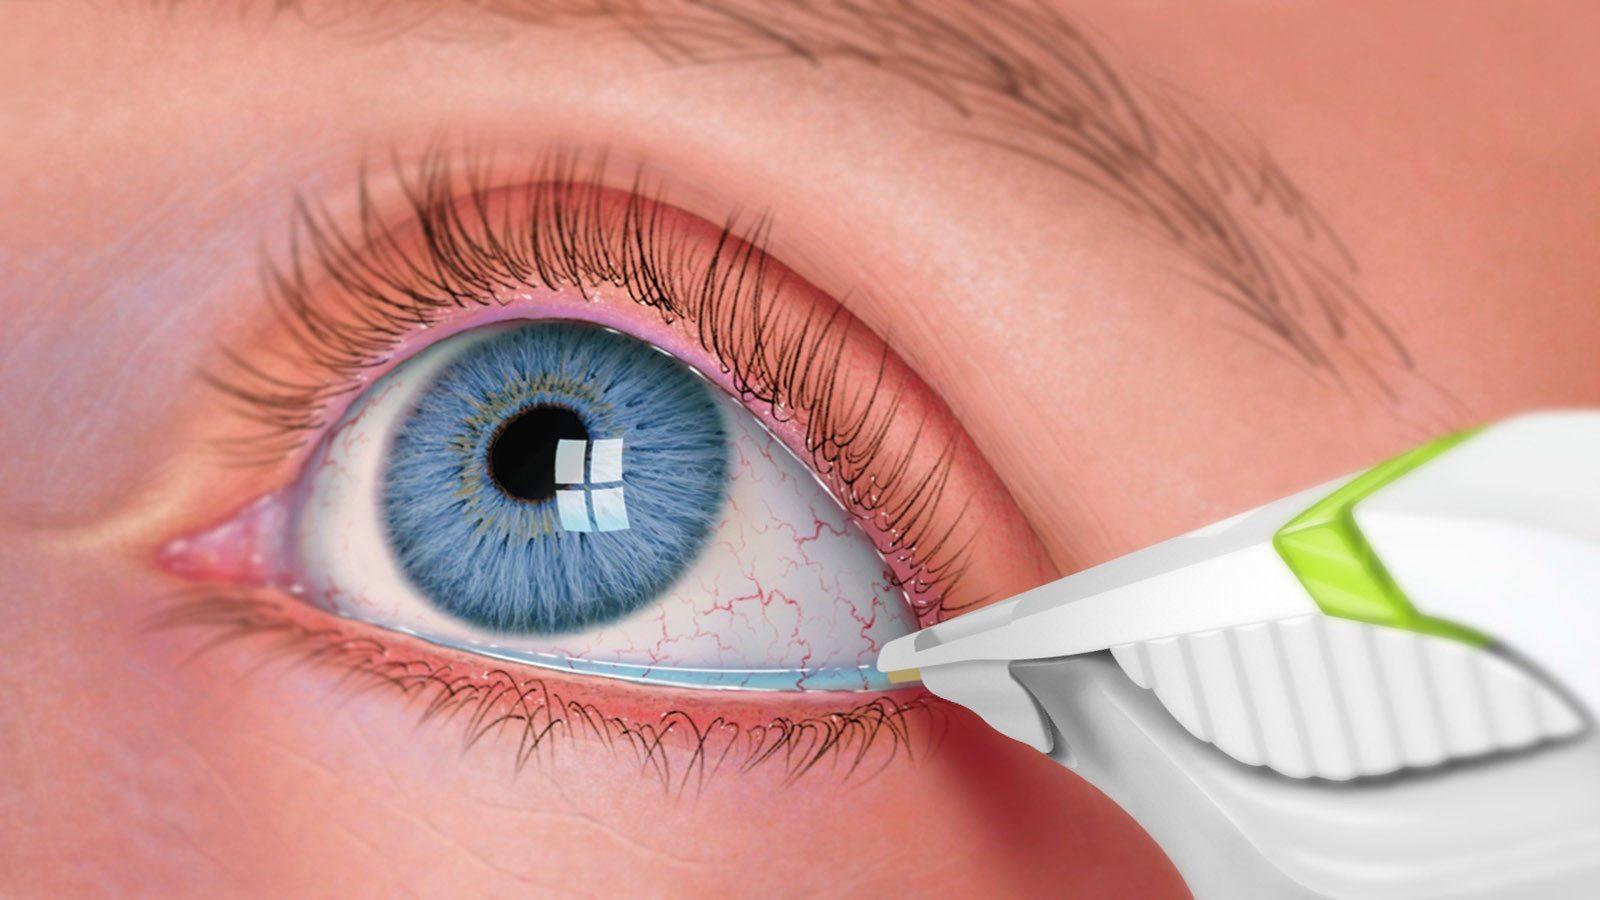 Анализ слез поможет предсказать осложнения при сахарном диабете первого типа